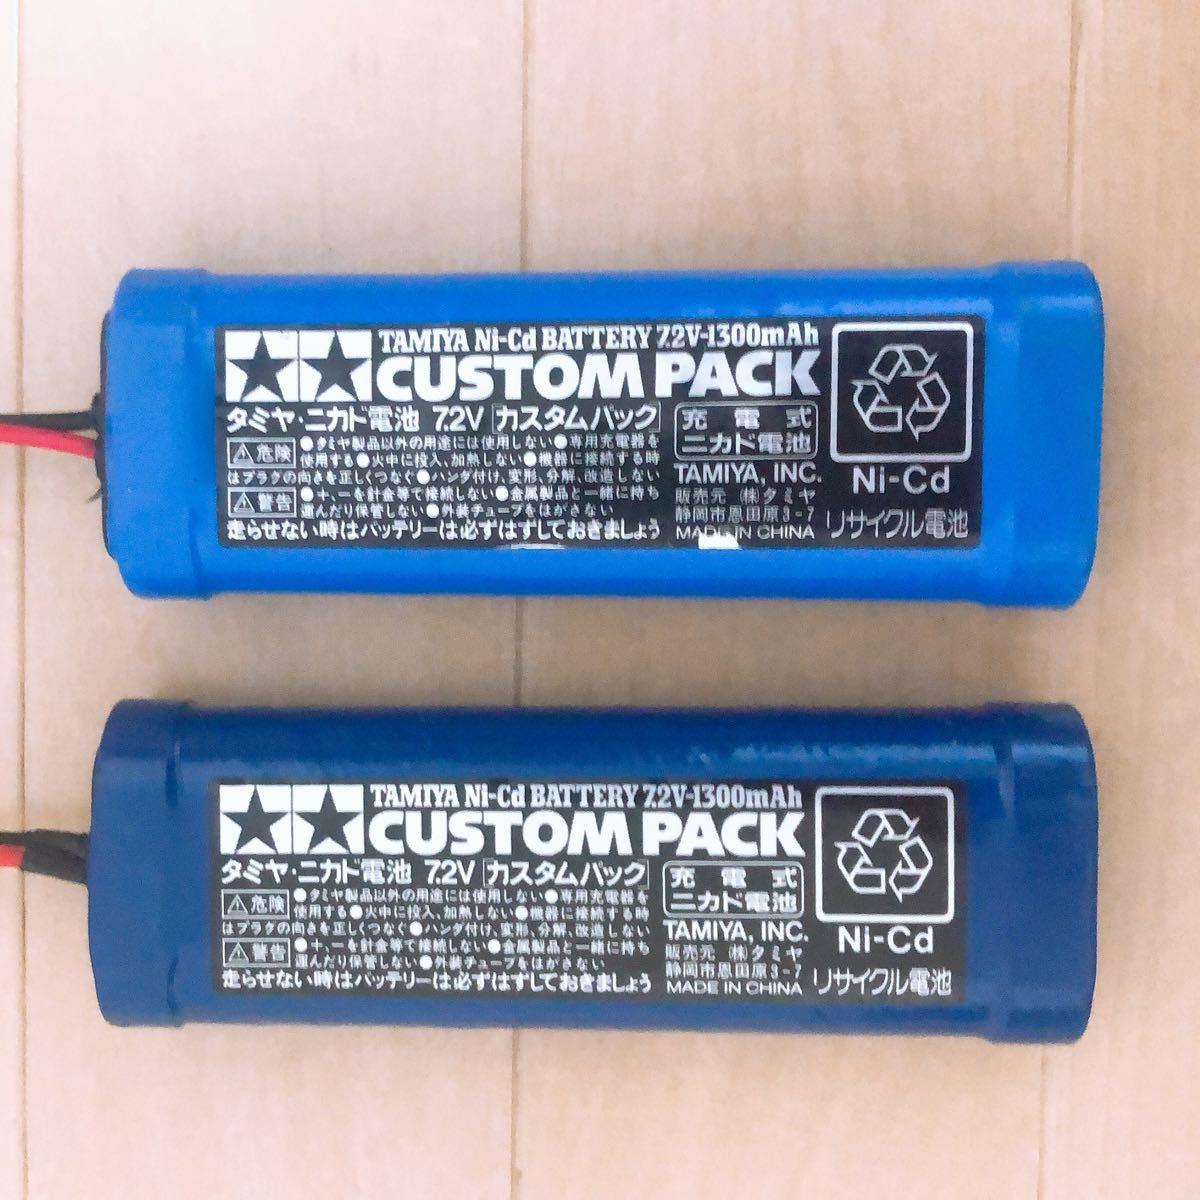 タミヤニカド電池 7.2V 1300mAh 2本セット